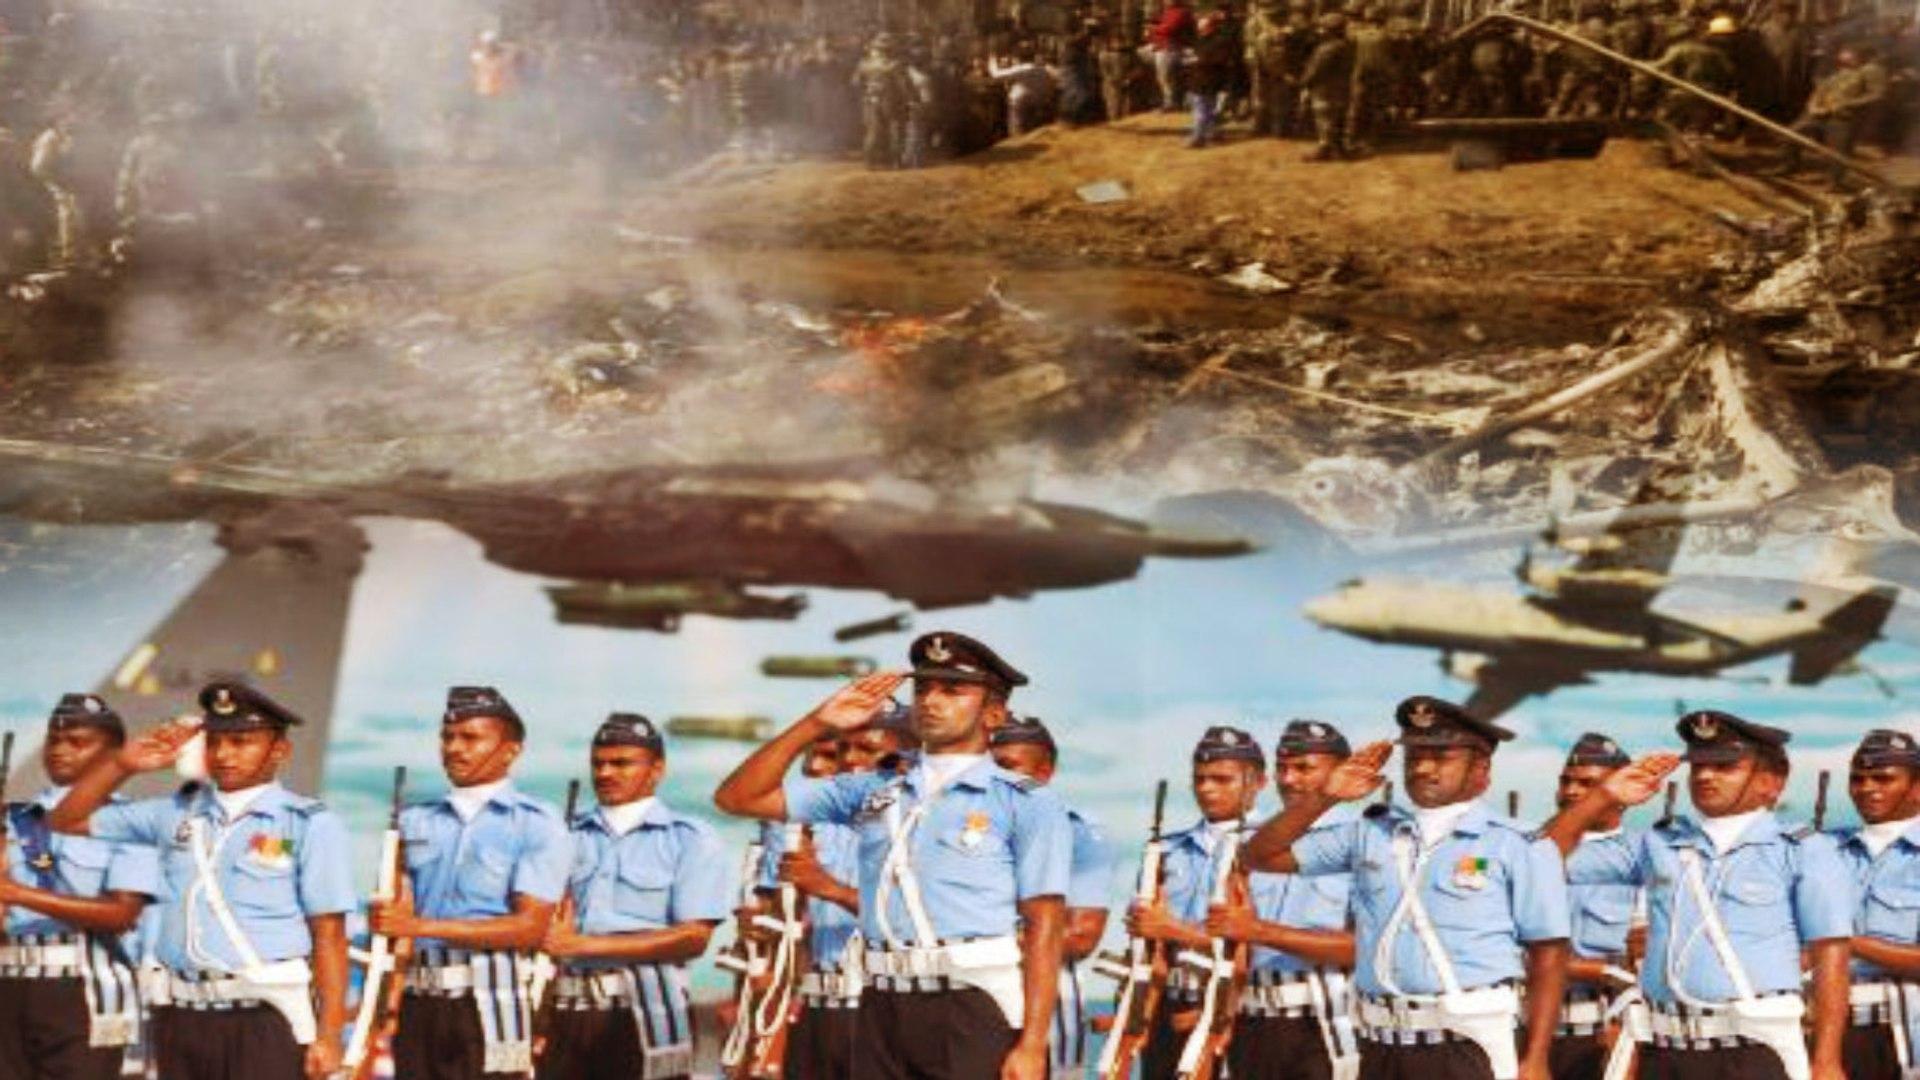 Air Strike के Jaish E Mohammed Madrasa Taleem Ul Quran से मिले सबूत, WATCH VIDEO | वनइंडिया हिंदी